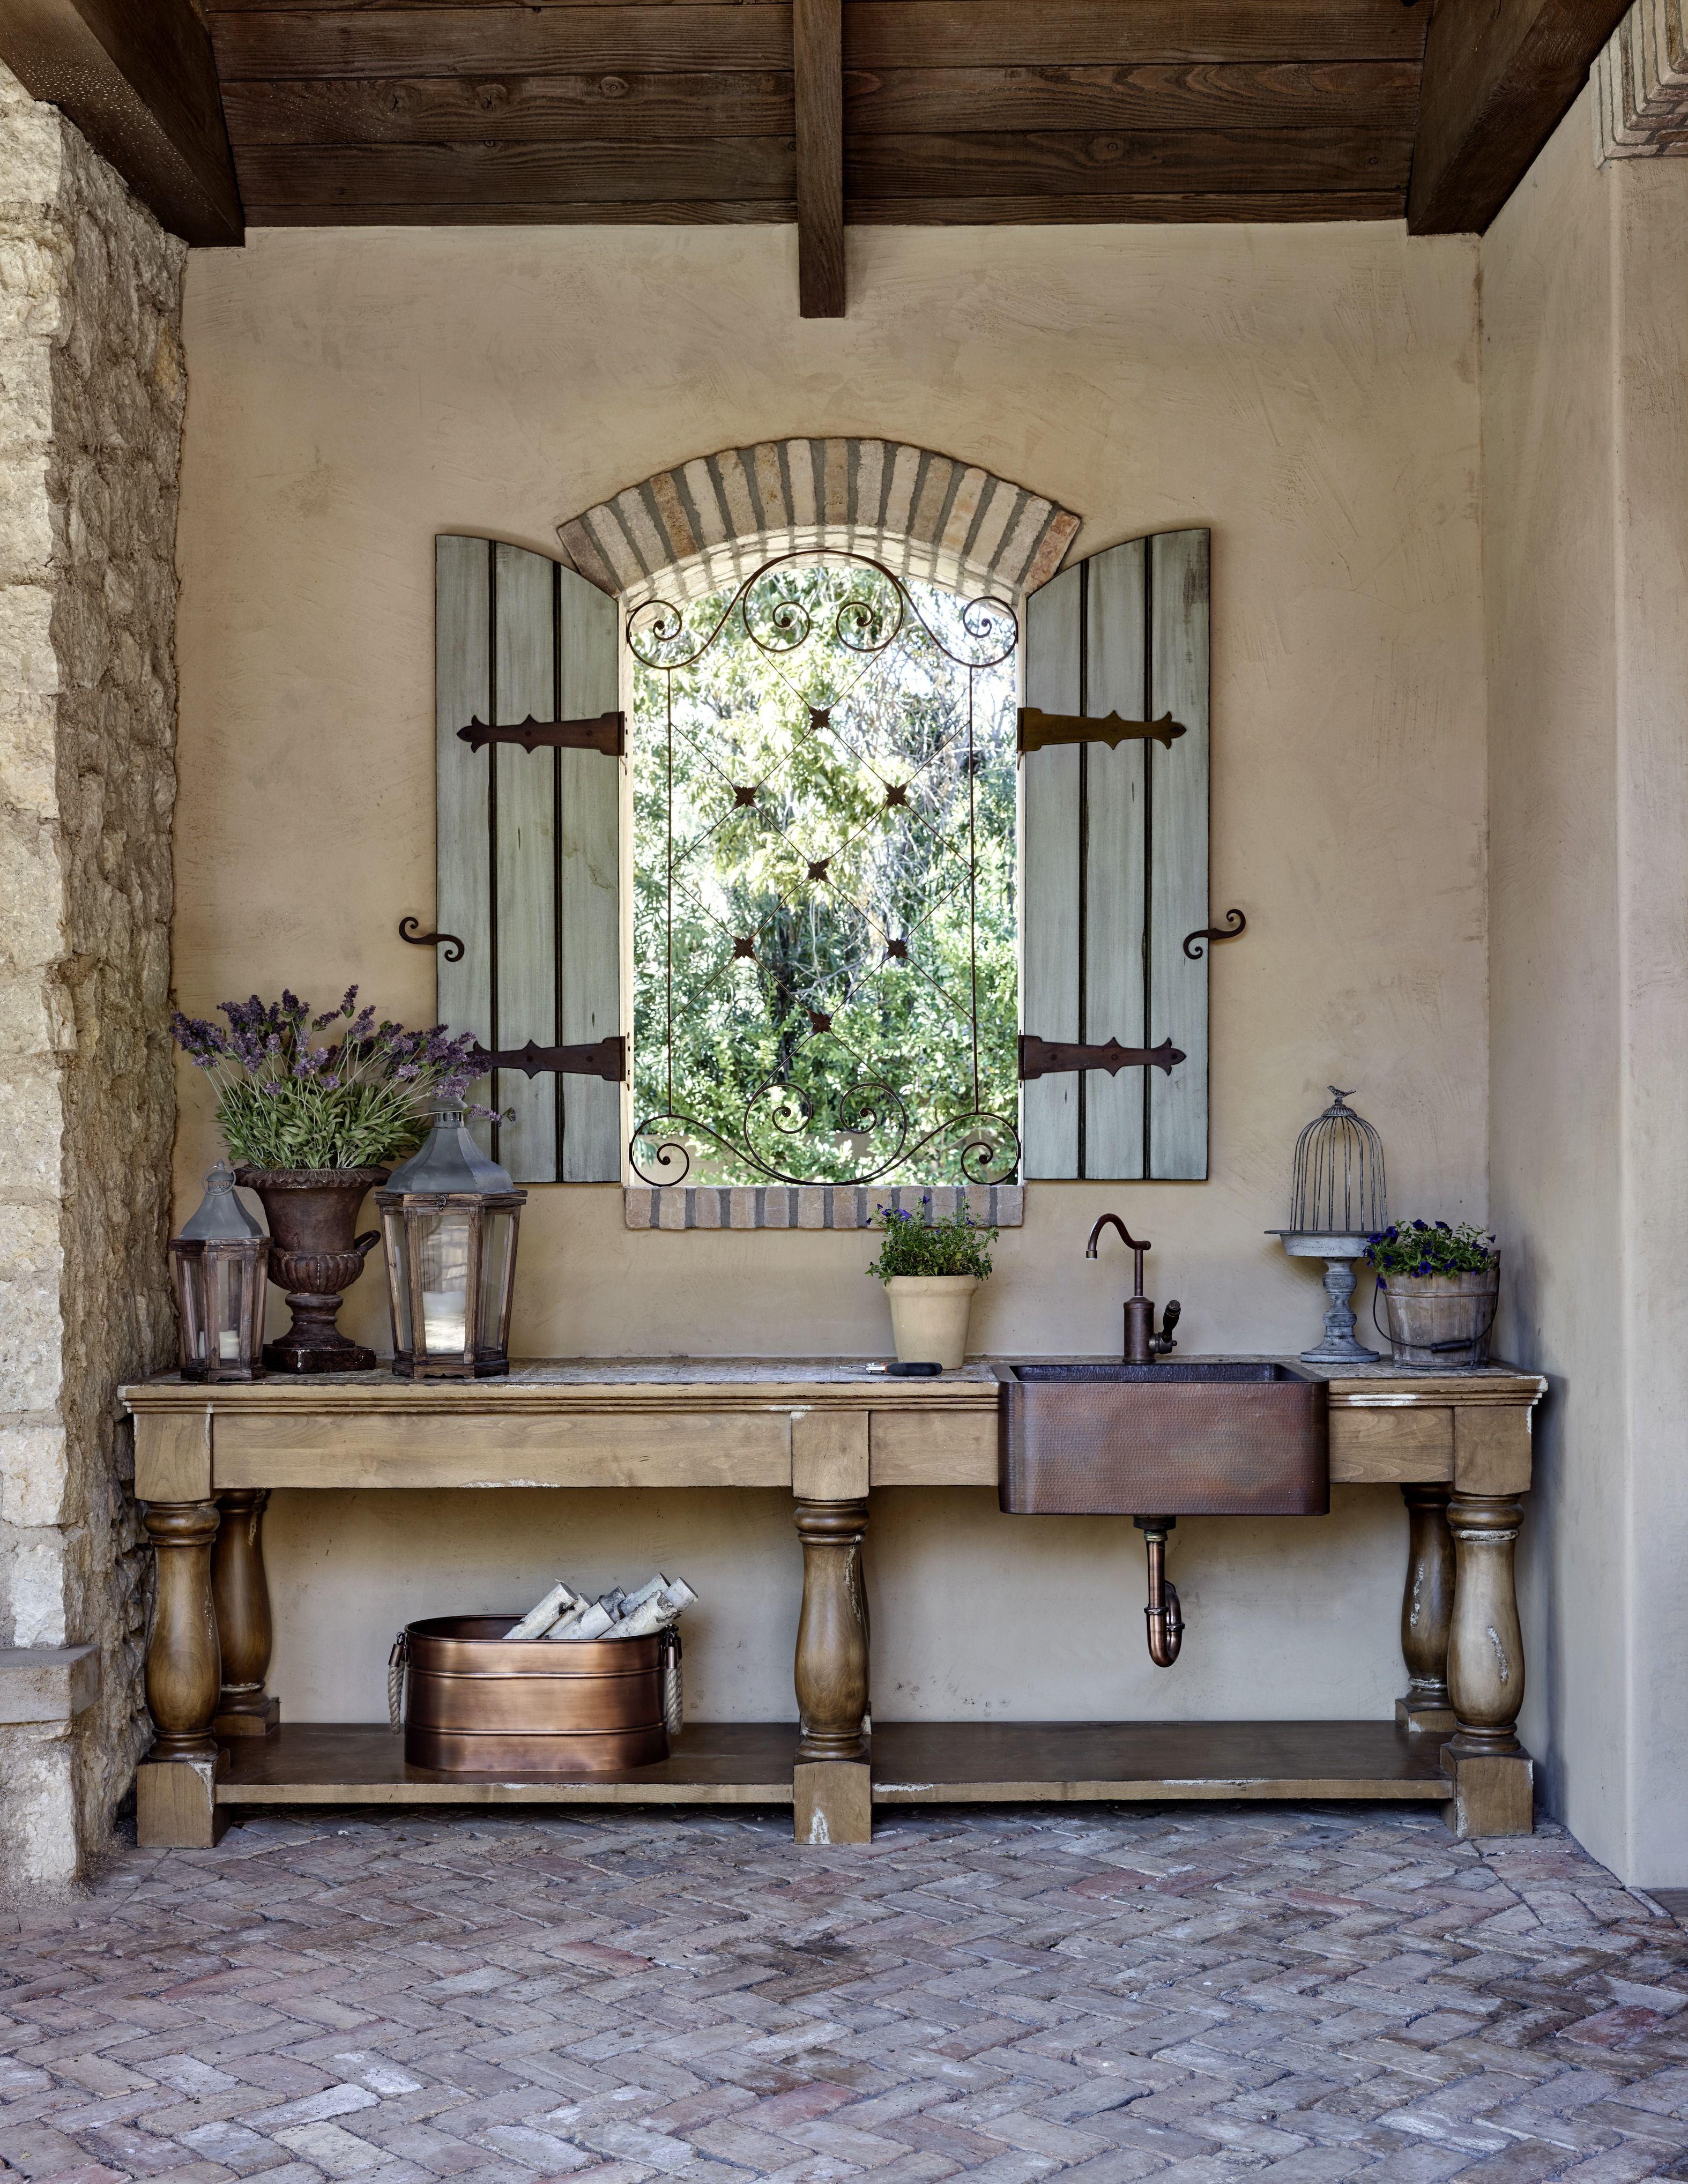 Salle De Bain Chez Tereva ~  Pingl Par Beth Pozzini Putz Sur Garden Patio Pinterest Style